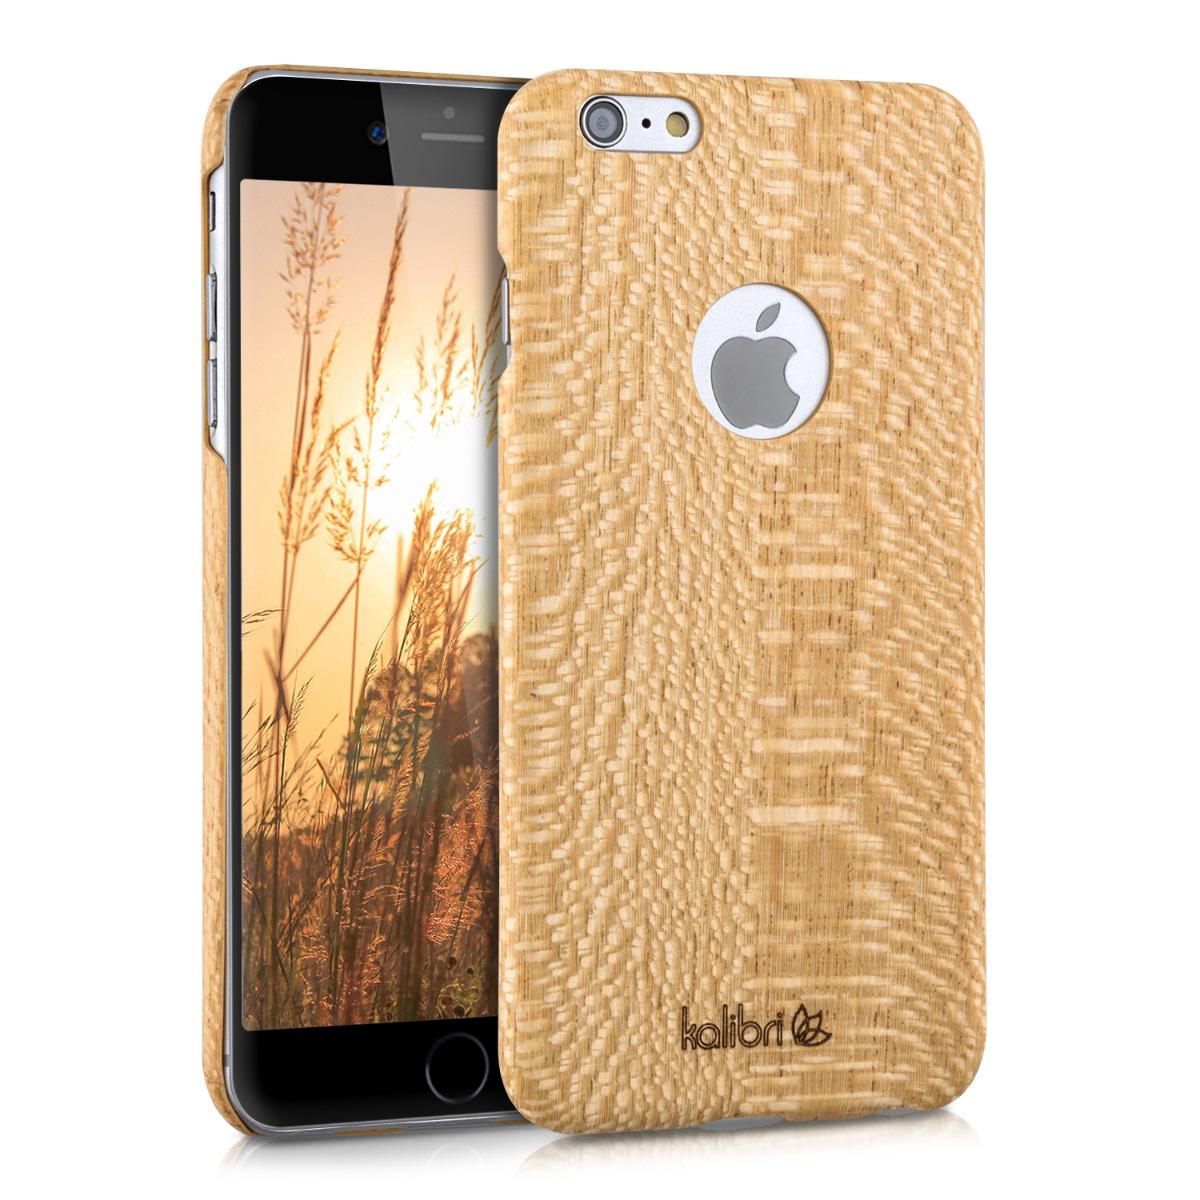 Kalibri Σκληρή Ξύλινη Θήκη - iPhone 6 Plus / 6S Plus - Ultra Slim (34415.11)